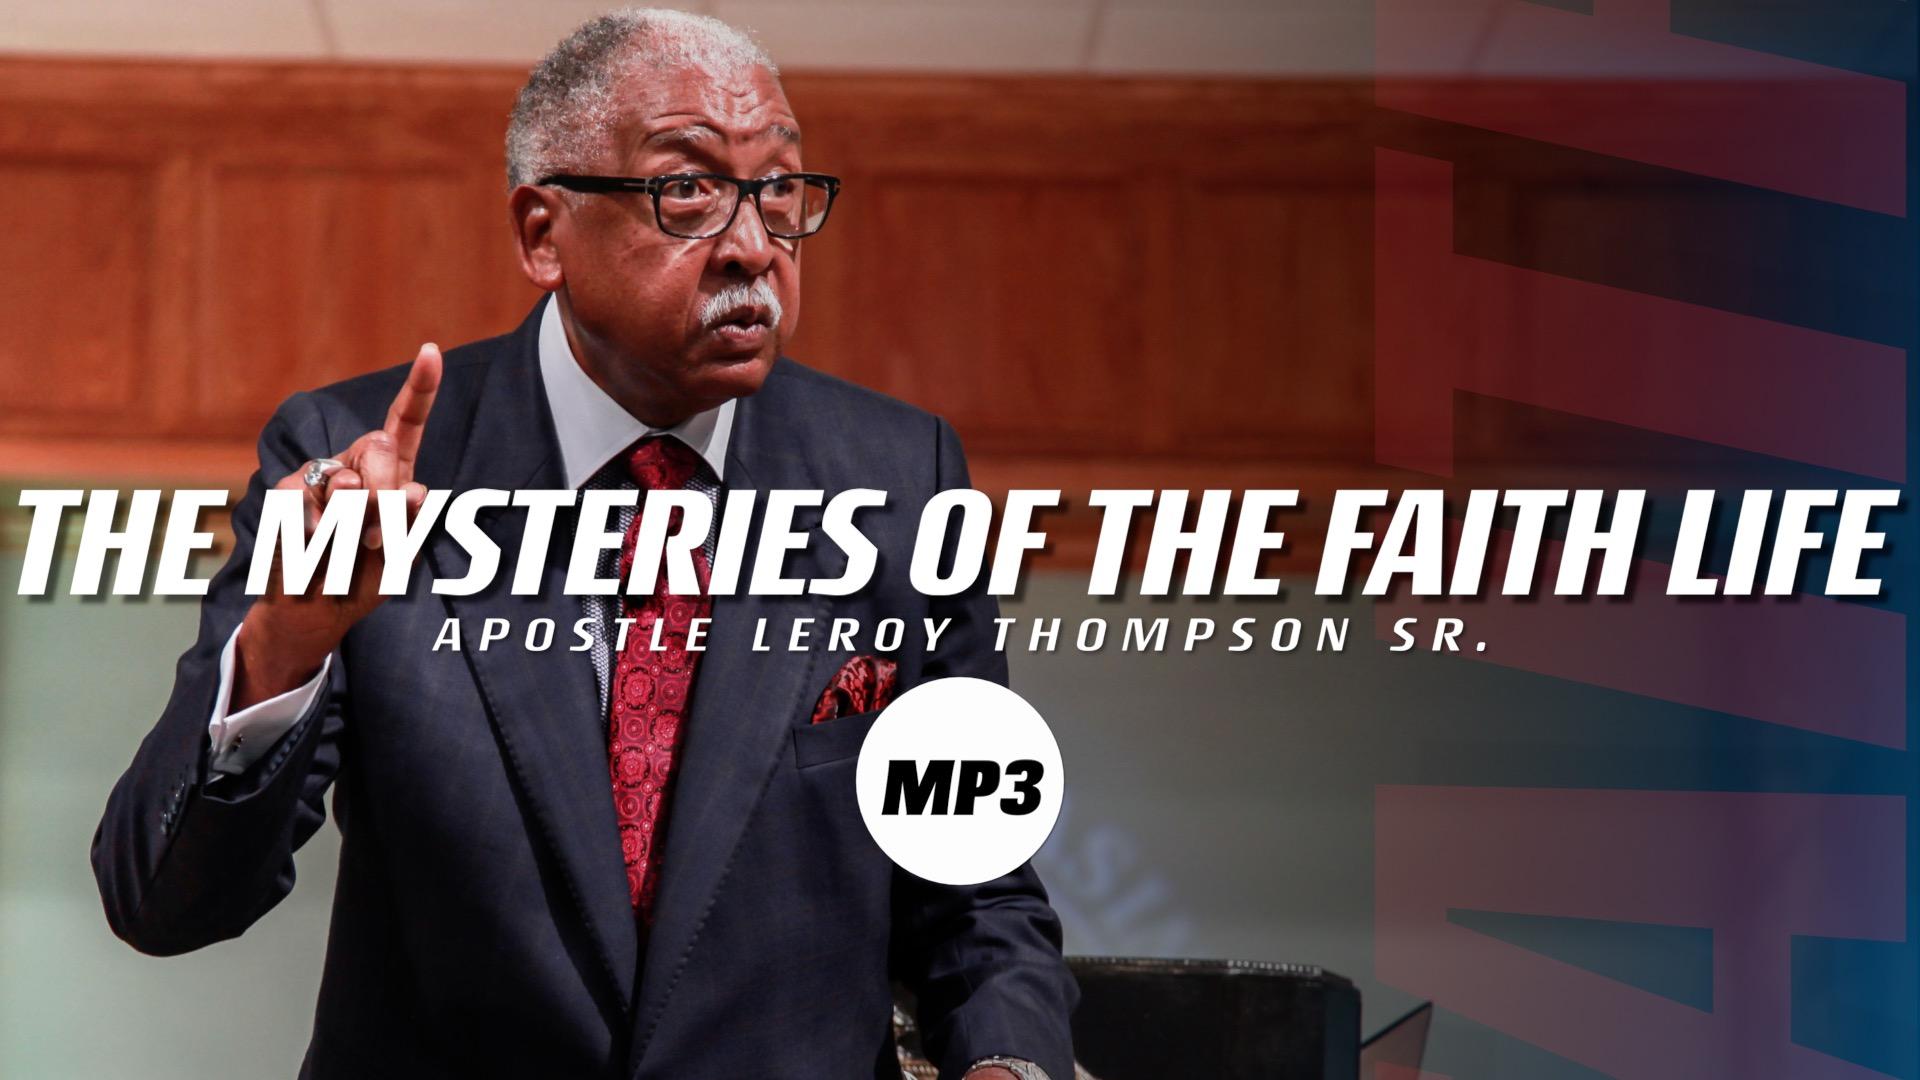 10 15 17 sun am   the mysteries of the faith life   mp3